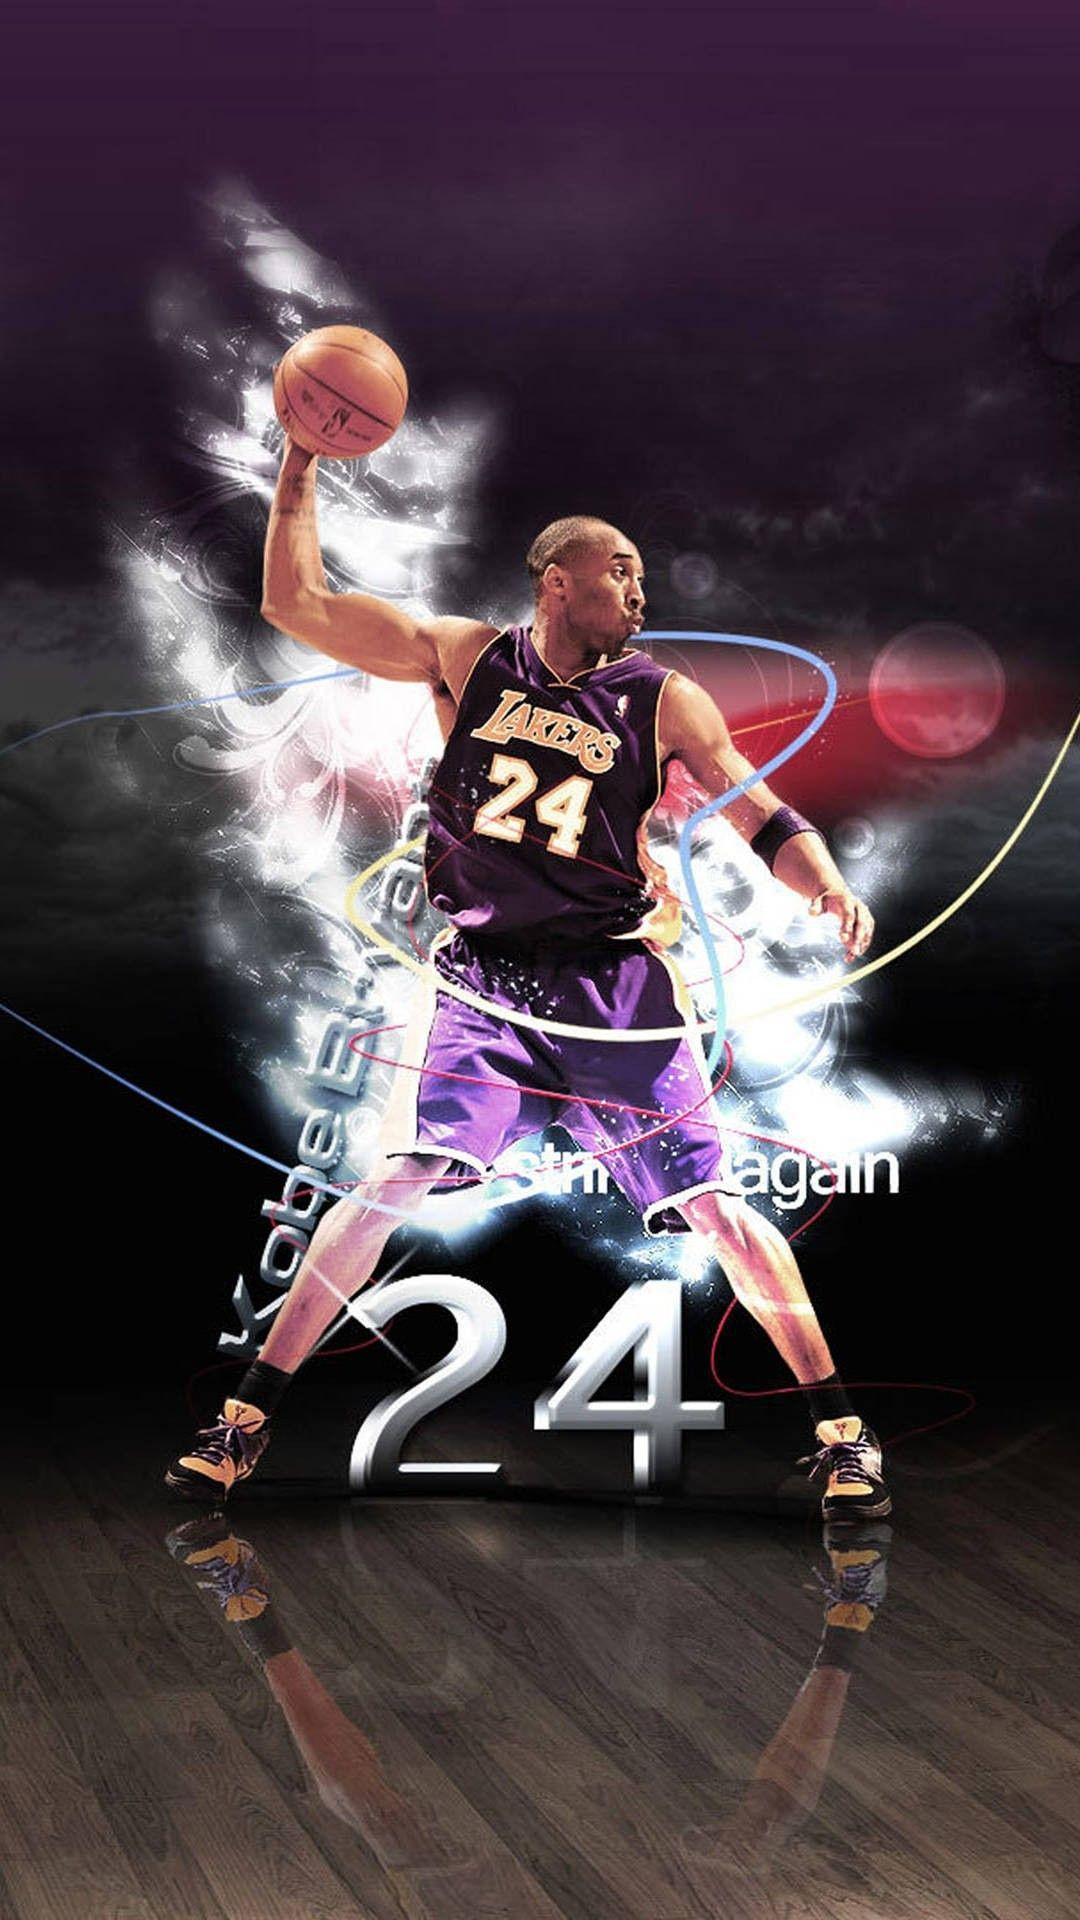 Dunk Kobe Bryant Iphone Background Kobe Bryant Wallpaper Kobe Bryant Kobe